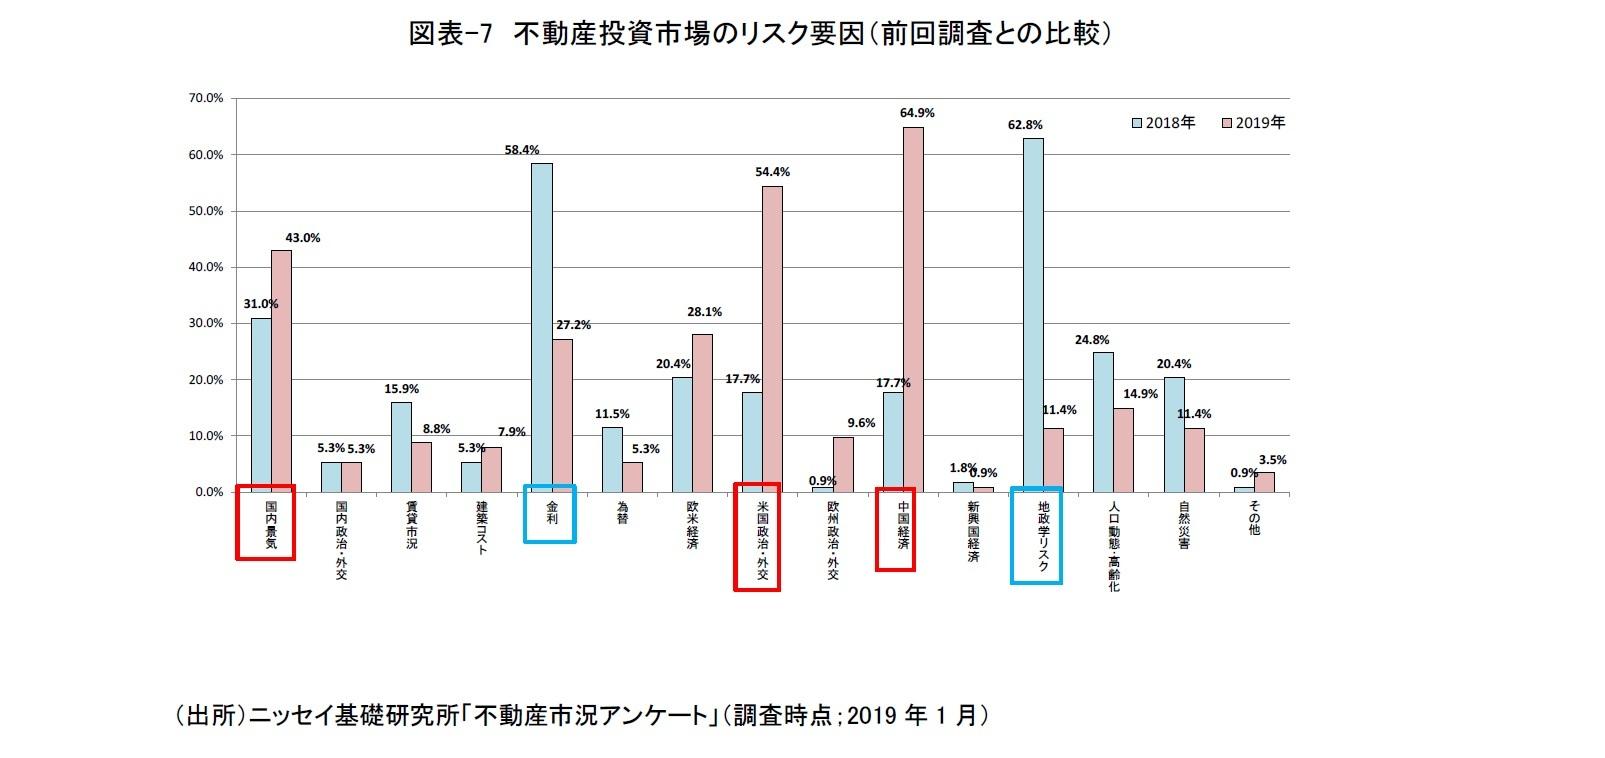 図表-7 不動産投資市場のリスク要因(前回調査との比較)